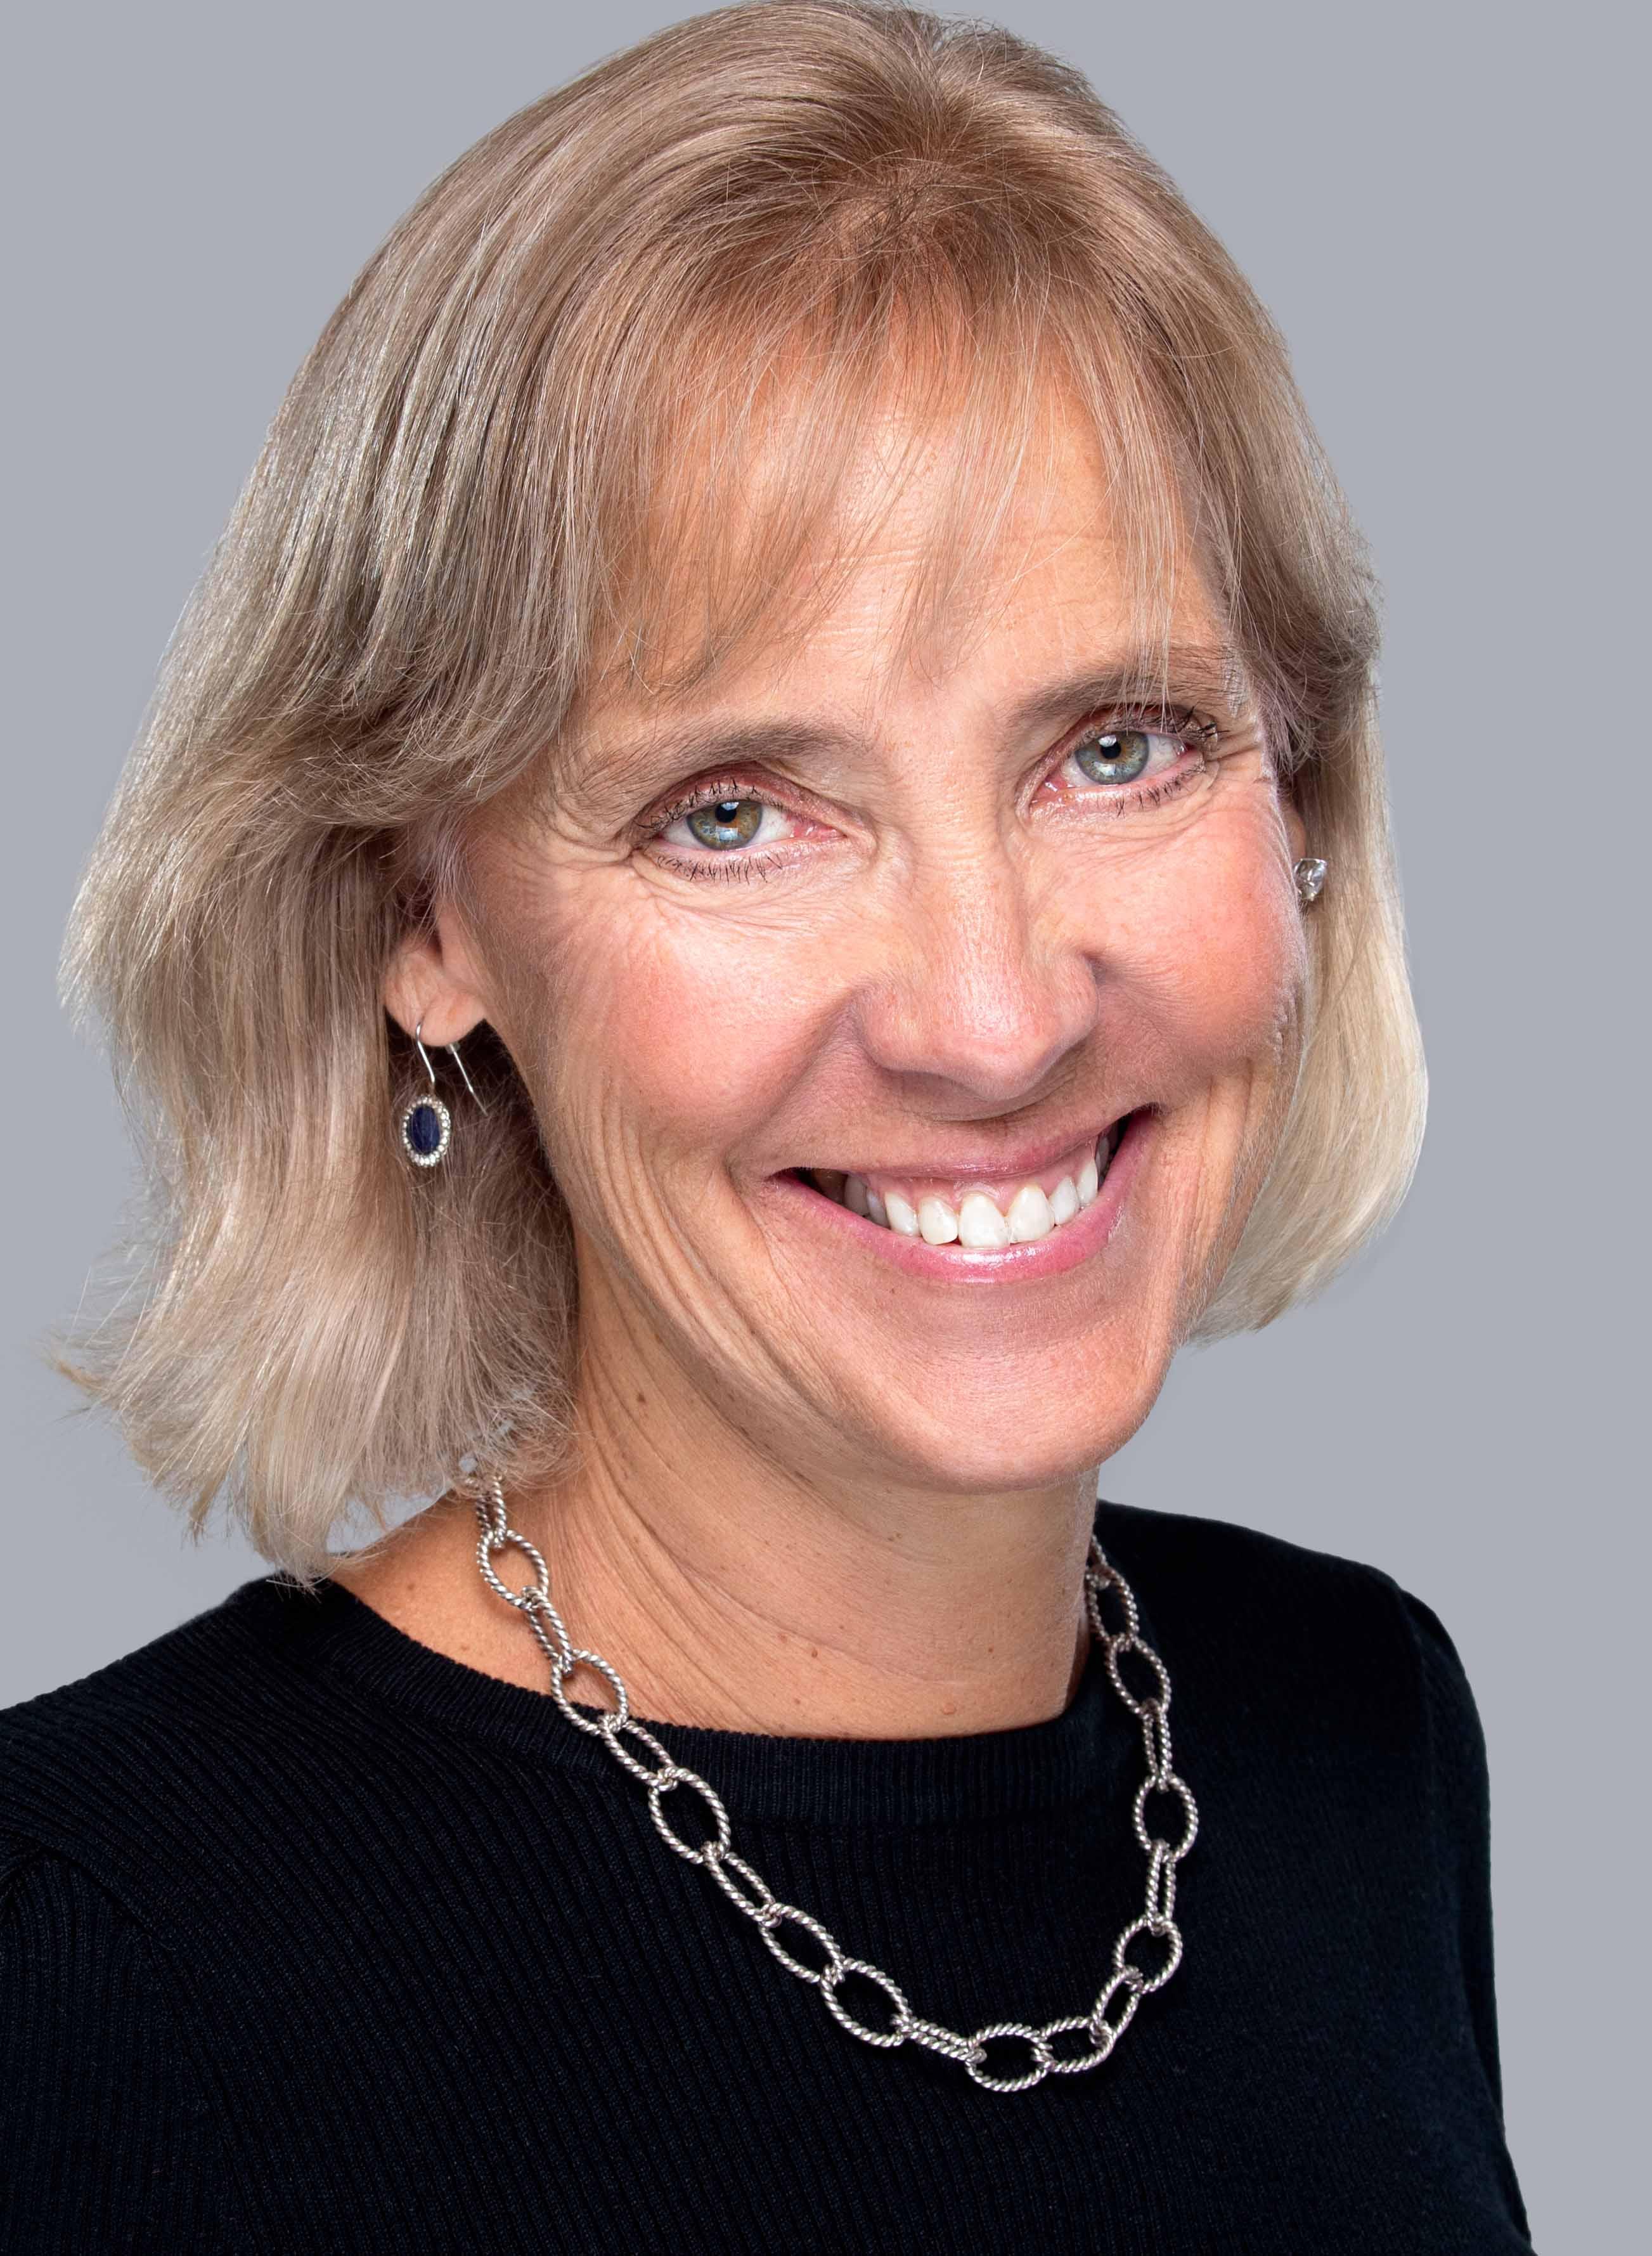 Kristan Andersen